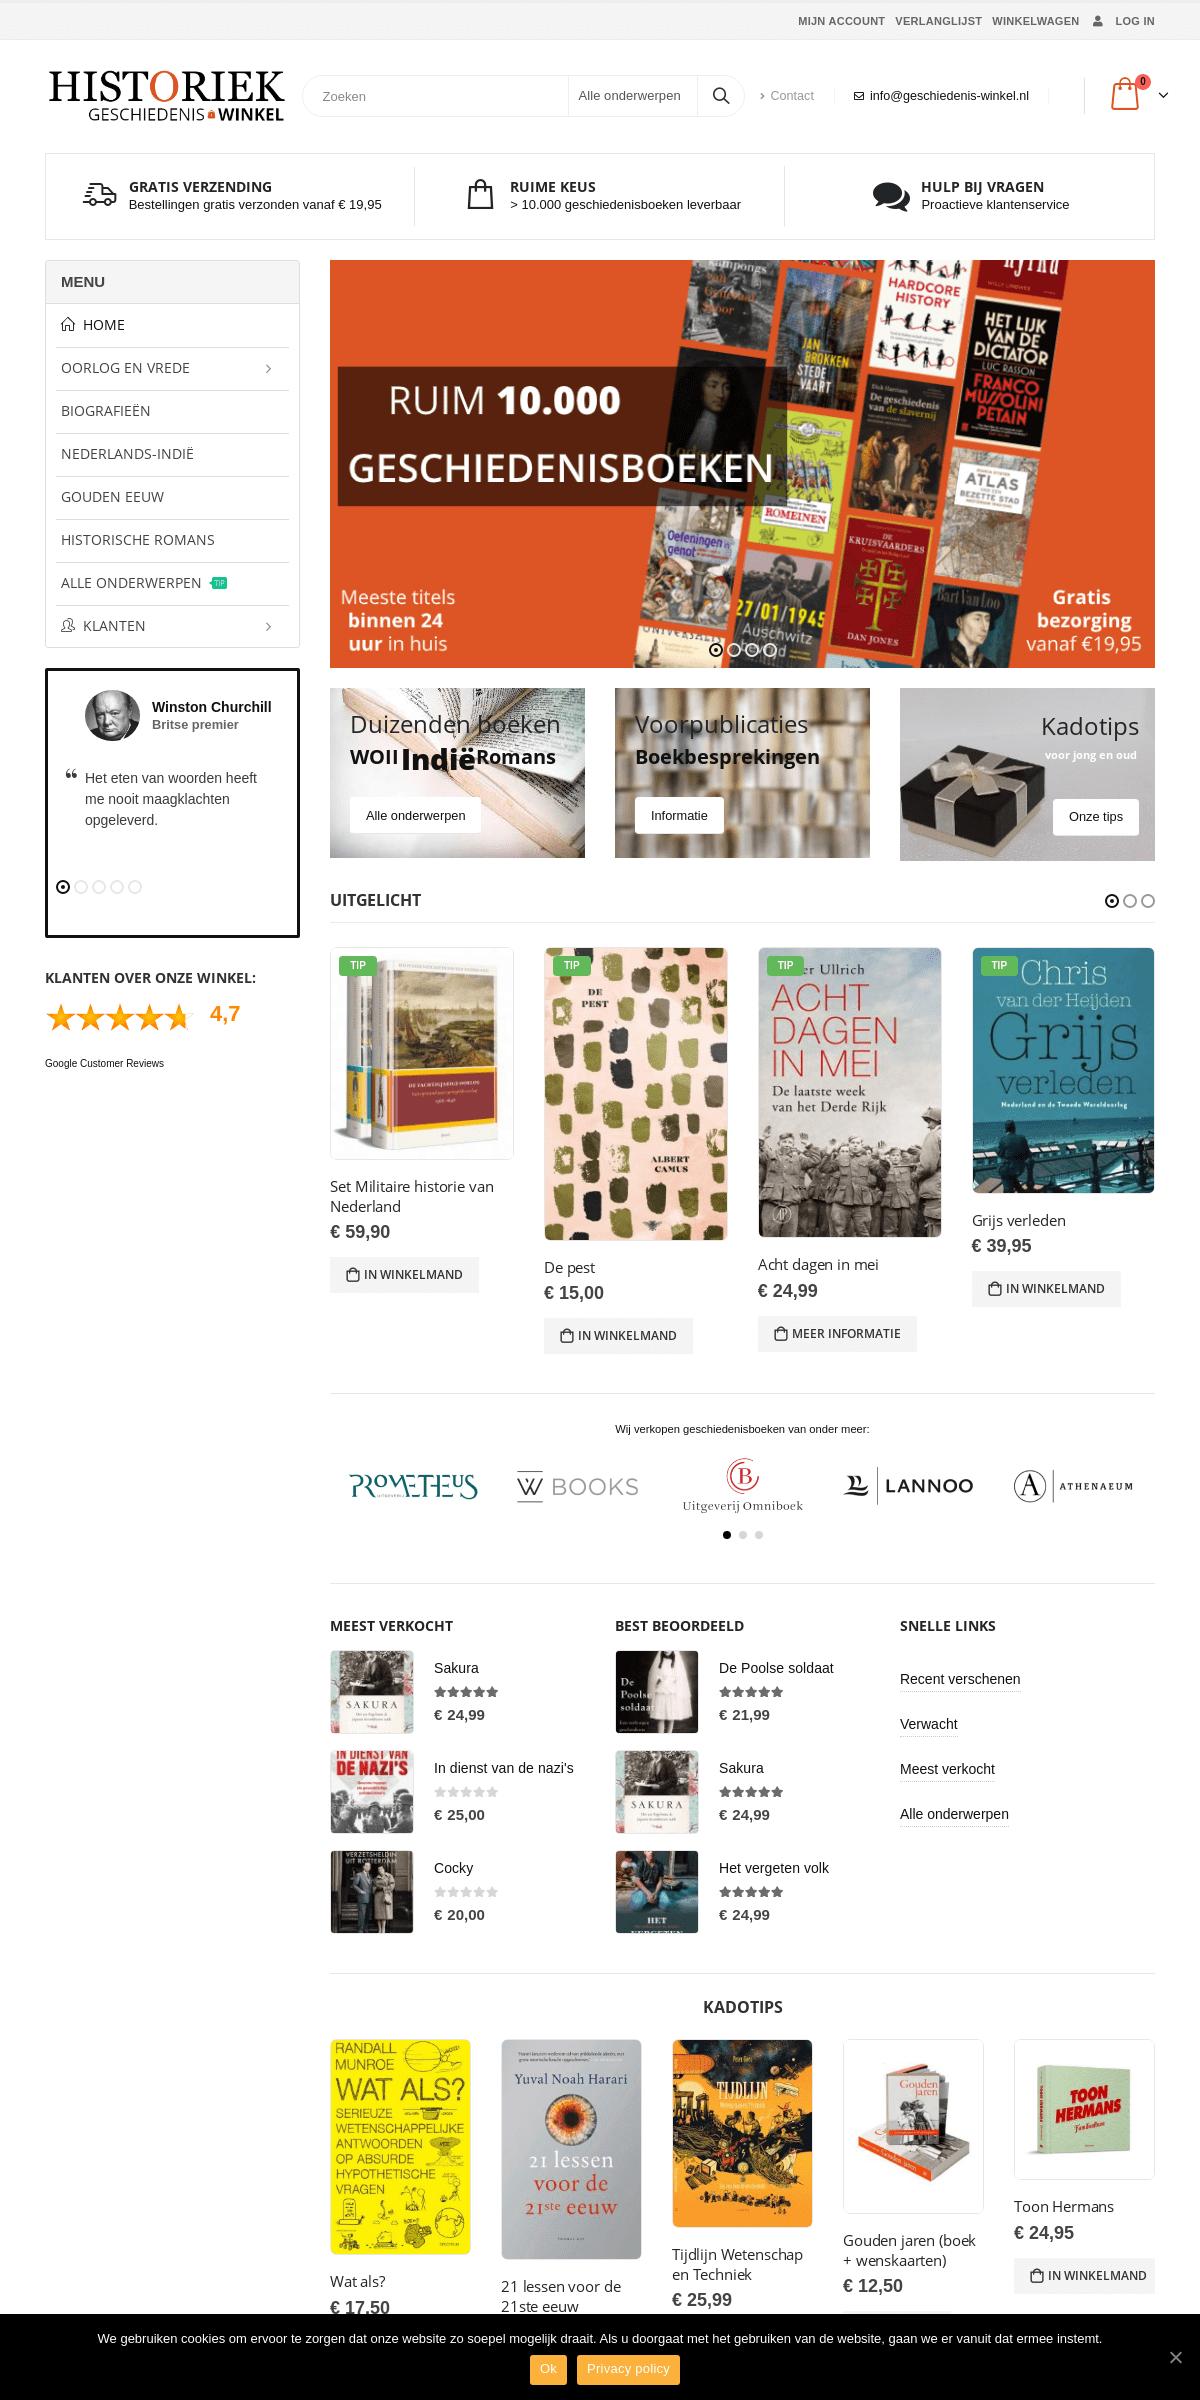 Geschiedeniswinkel - Duizenden geschiedenisboeken